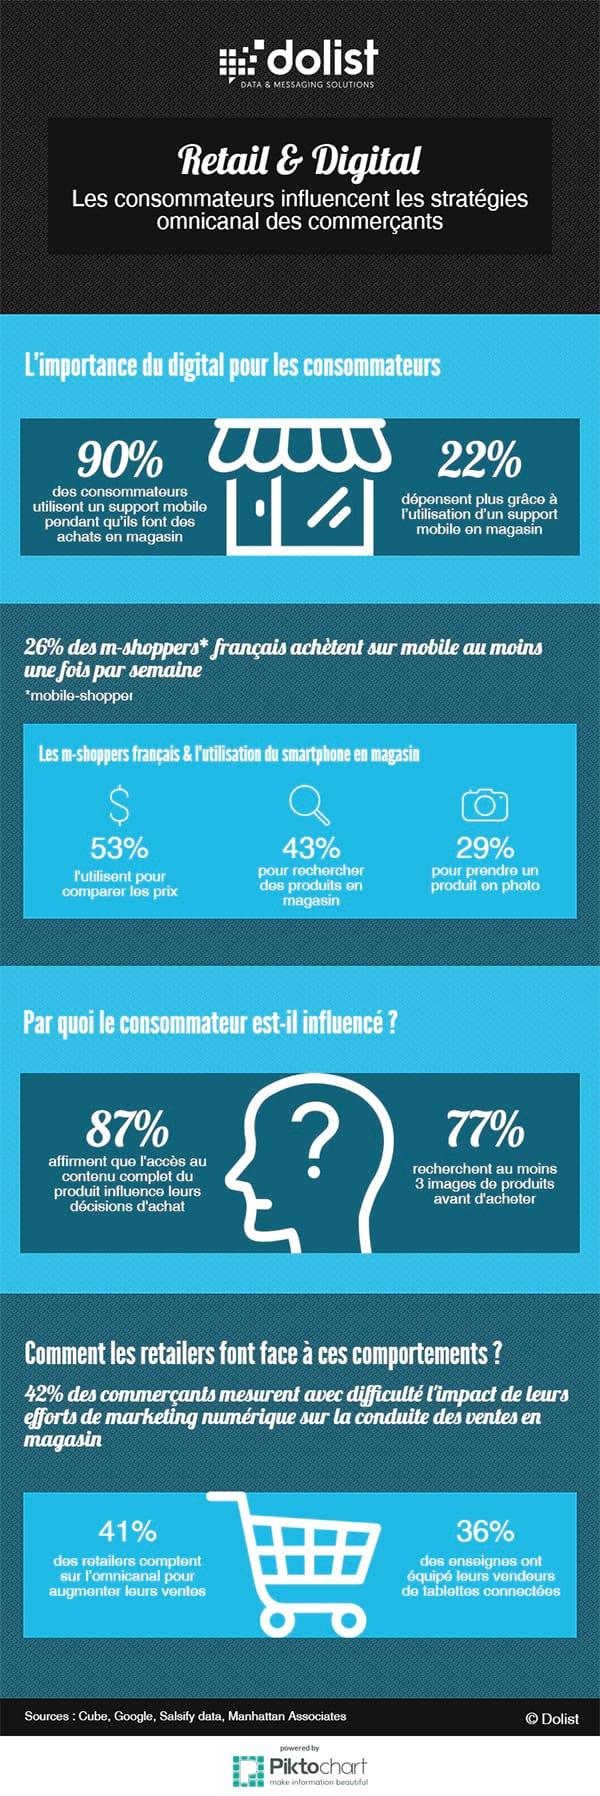 Chiffres clés : Retail, digital, e-commerce & comportements clients